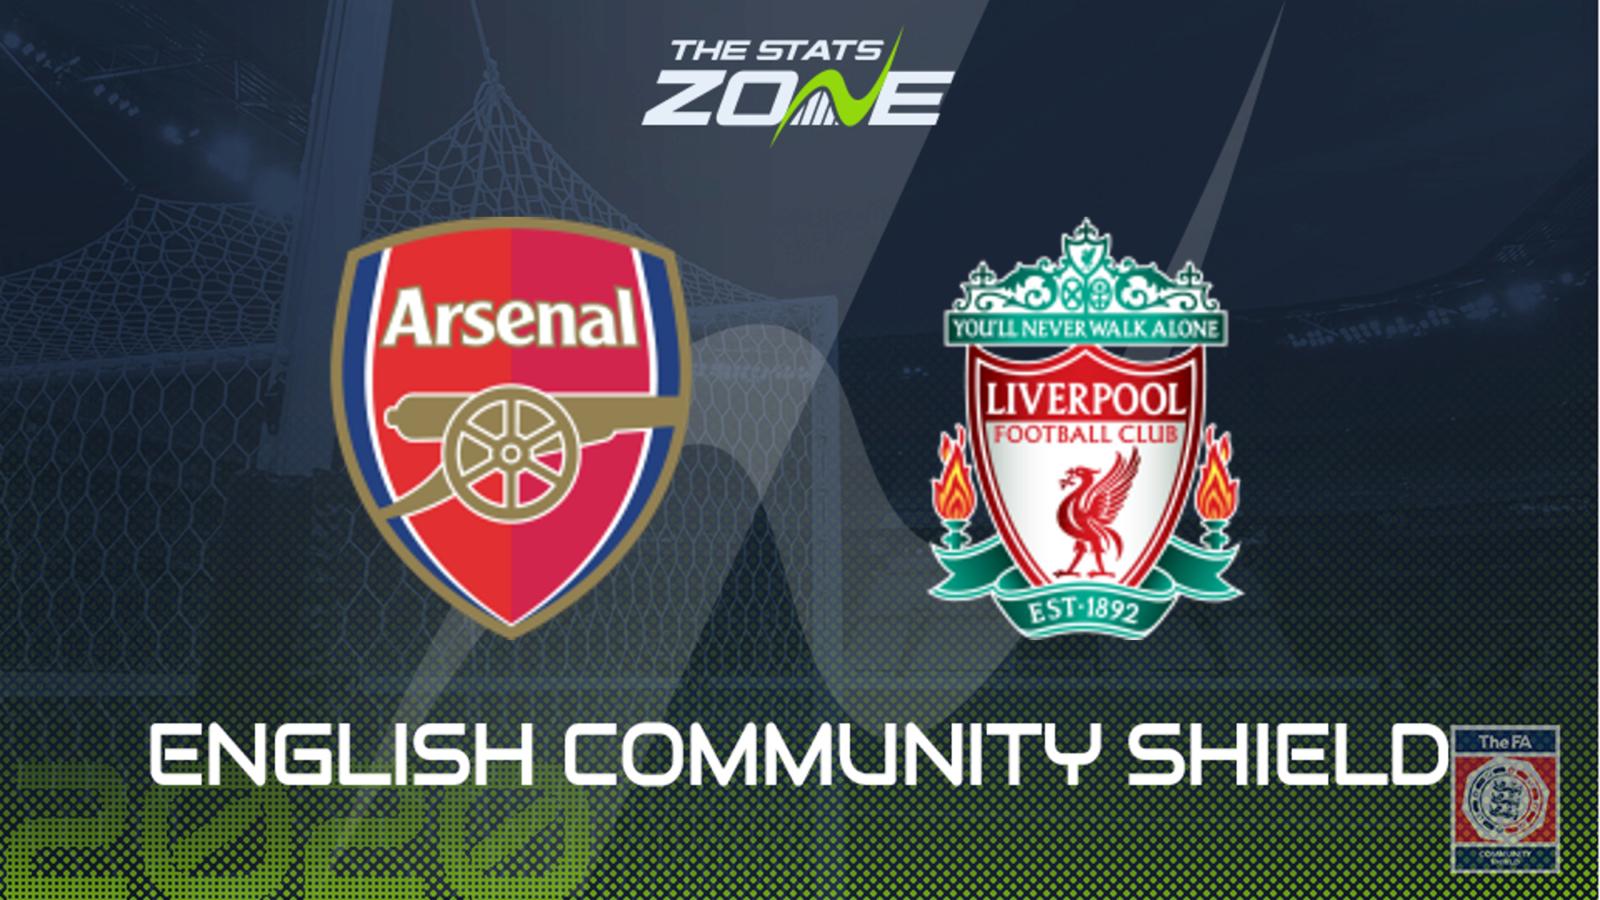 2020 Fa Community Shield Arsenal Vs Liverpool Preview Prediction The Stats Zone